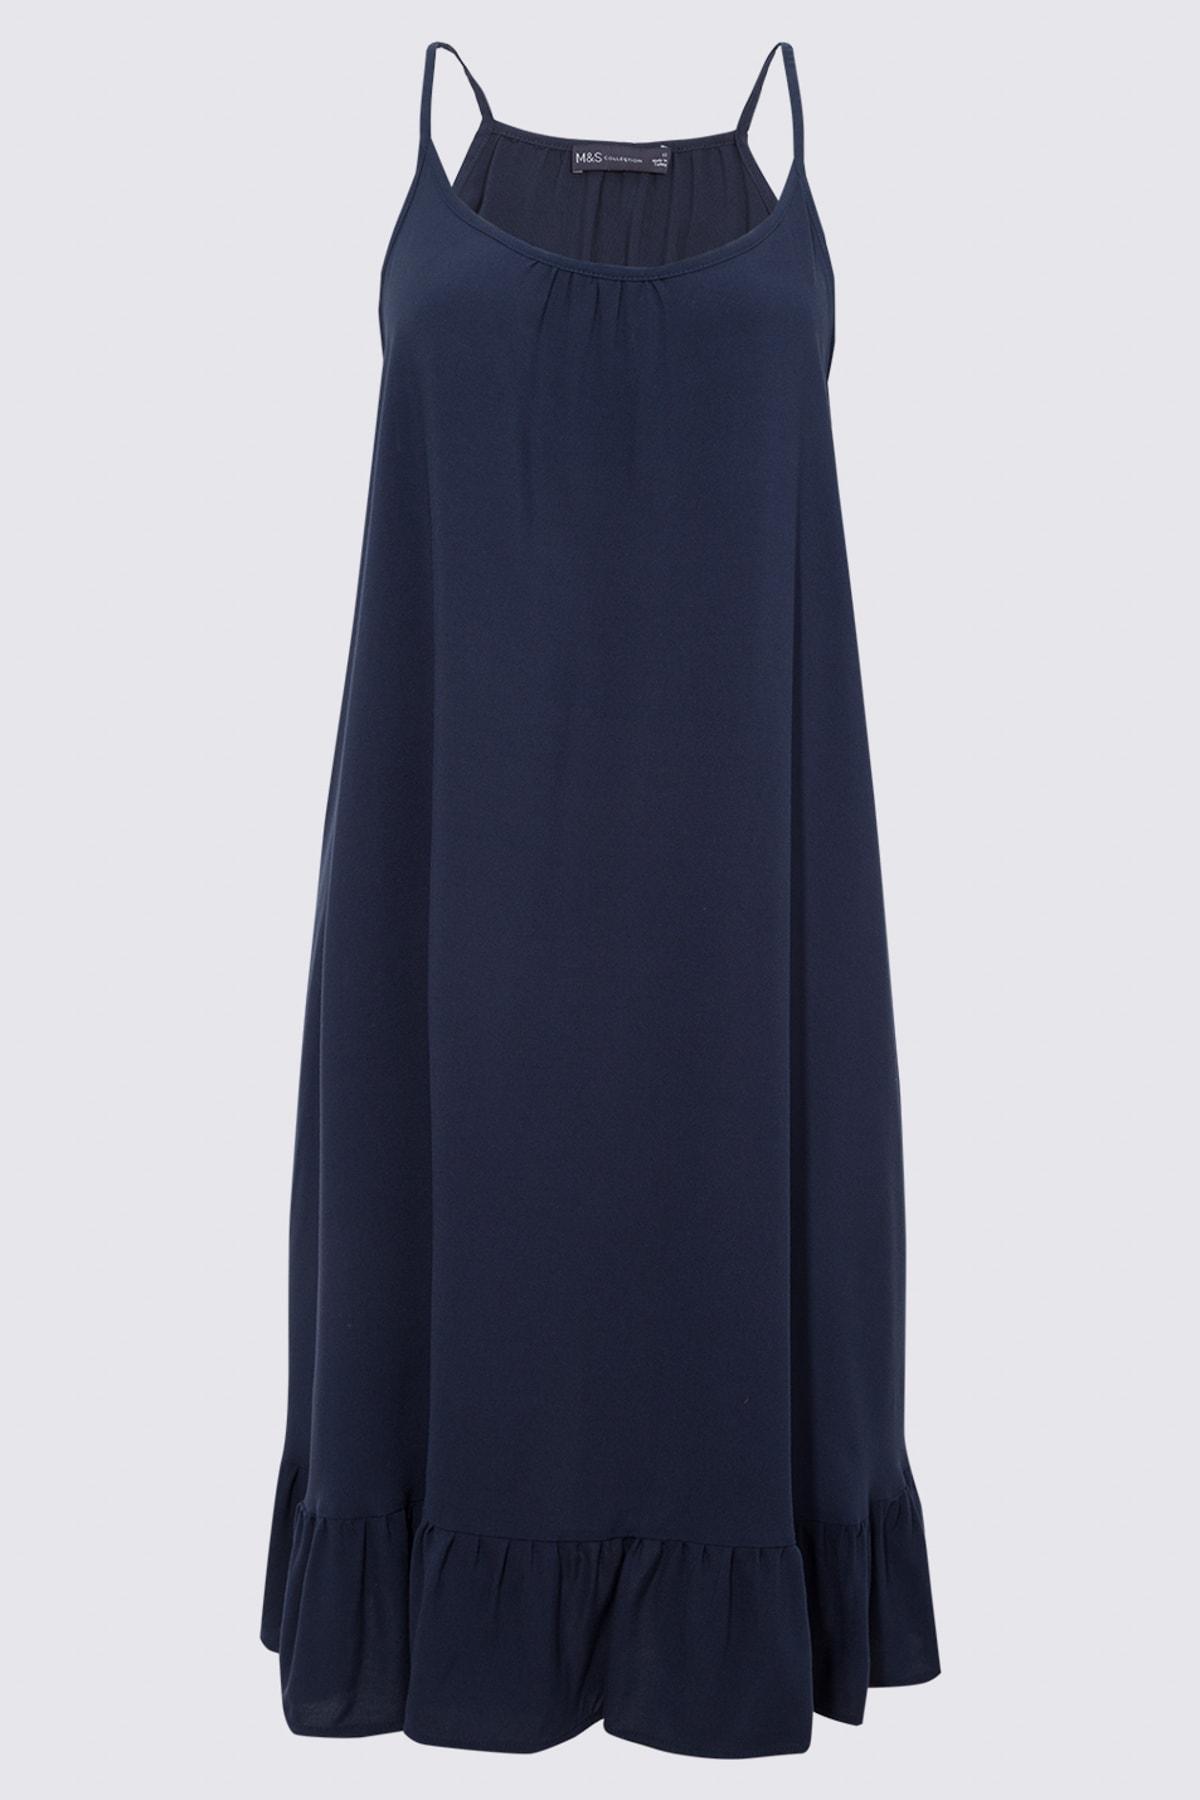 Marks & Spencer Kadın Lacivert Askılı Plaj Elbisesi T52008543 1